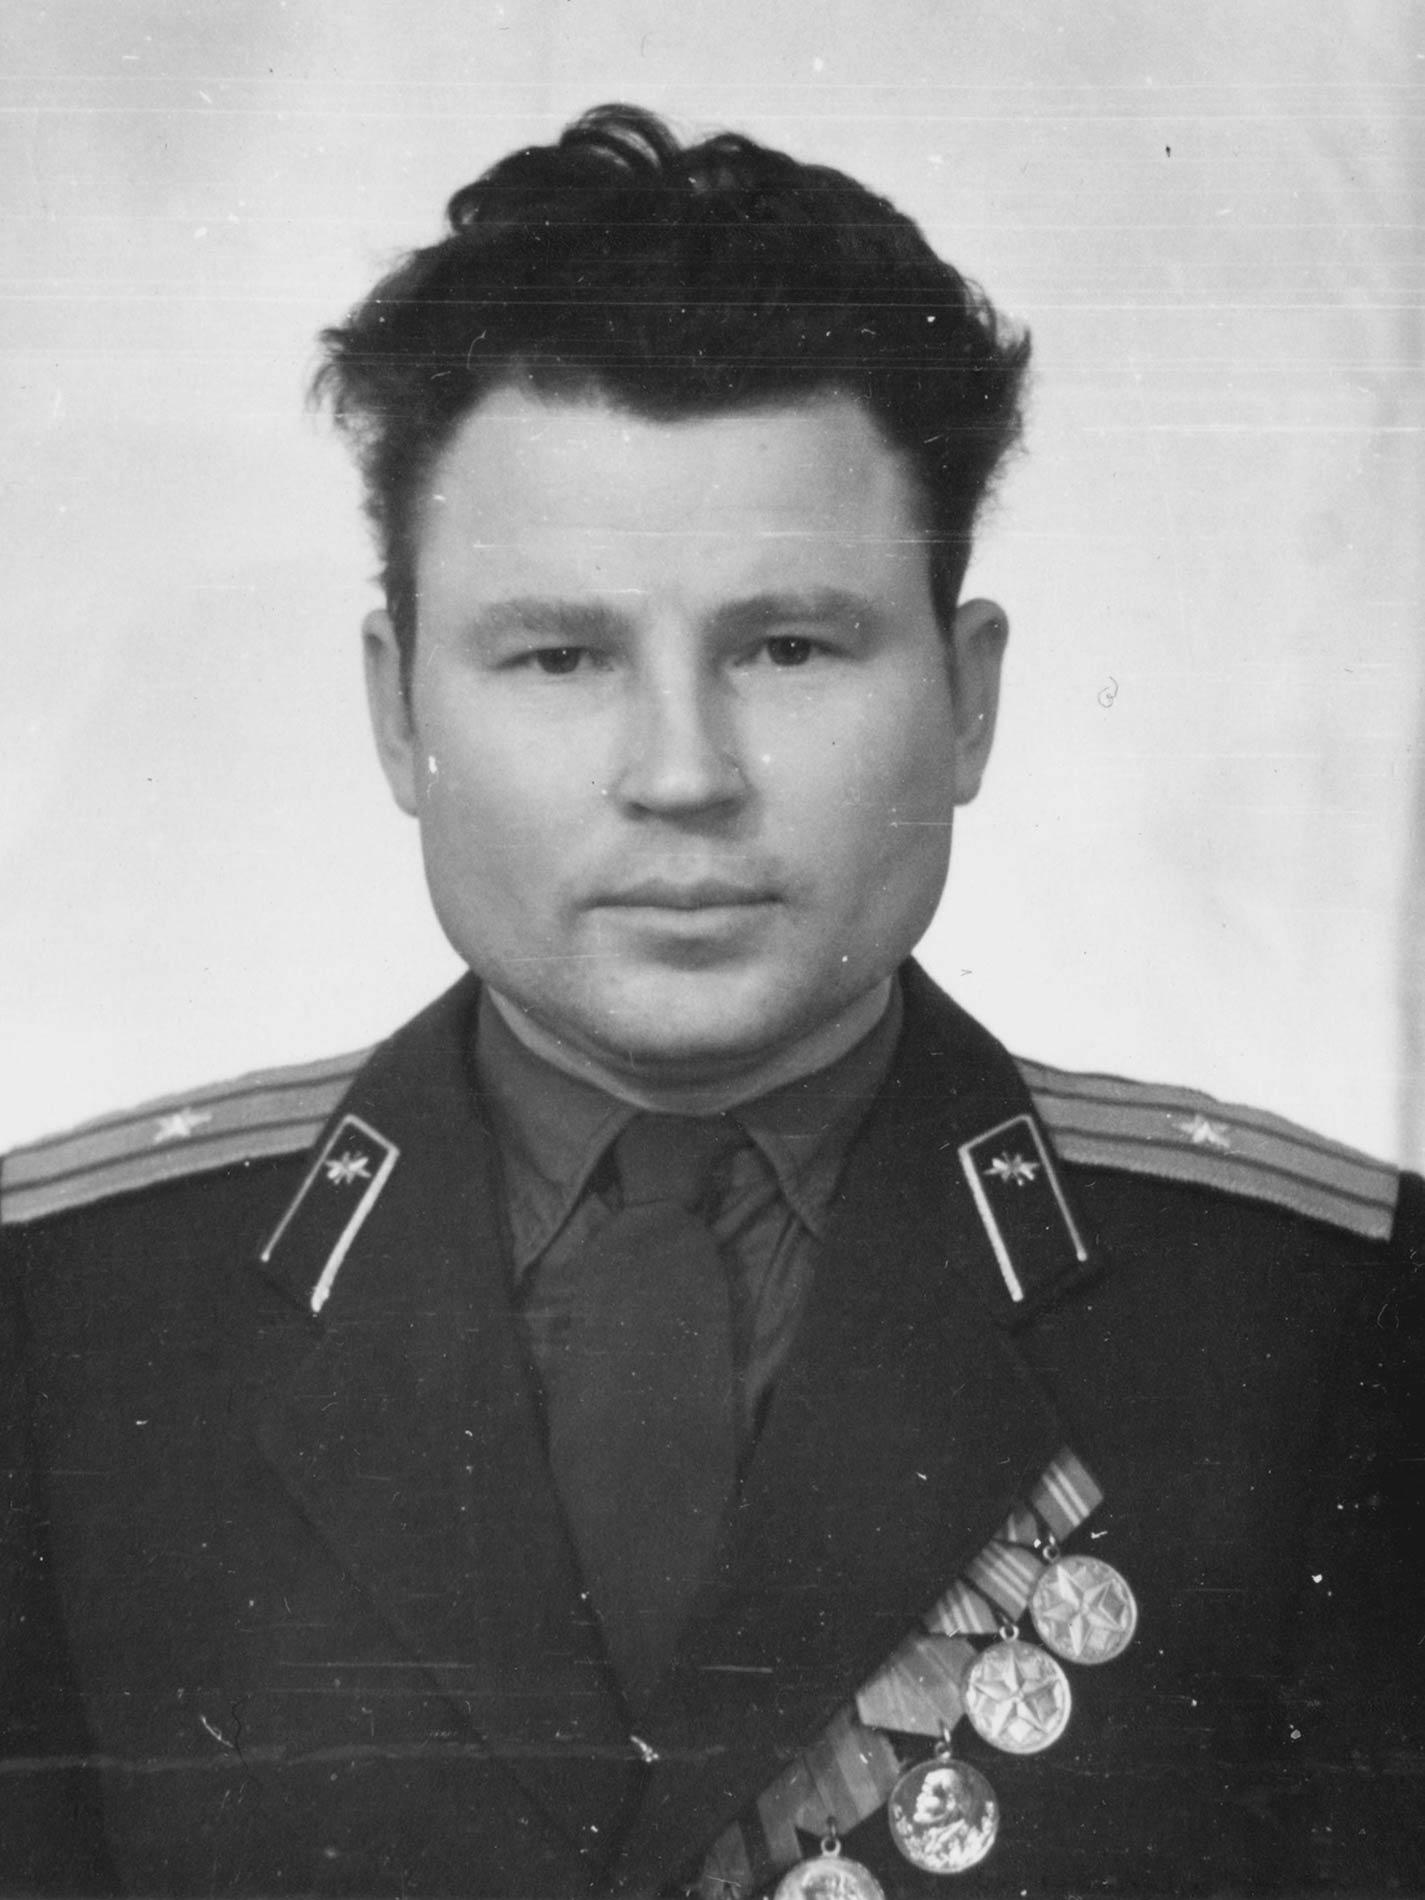 01. Июль 1962. Сафронов Семен Михайлович. Перед отправкой на Кубу.